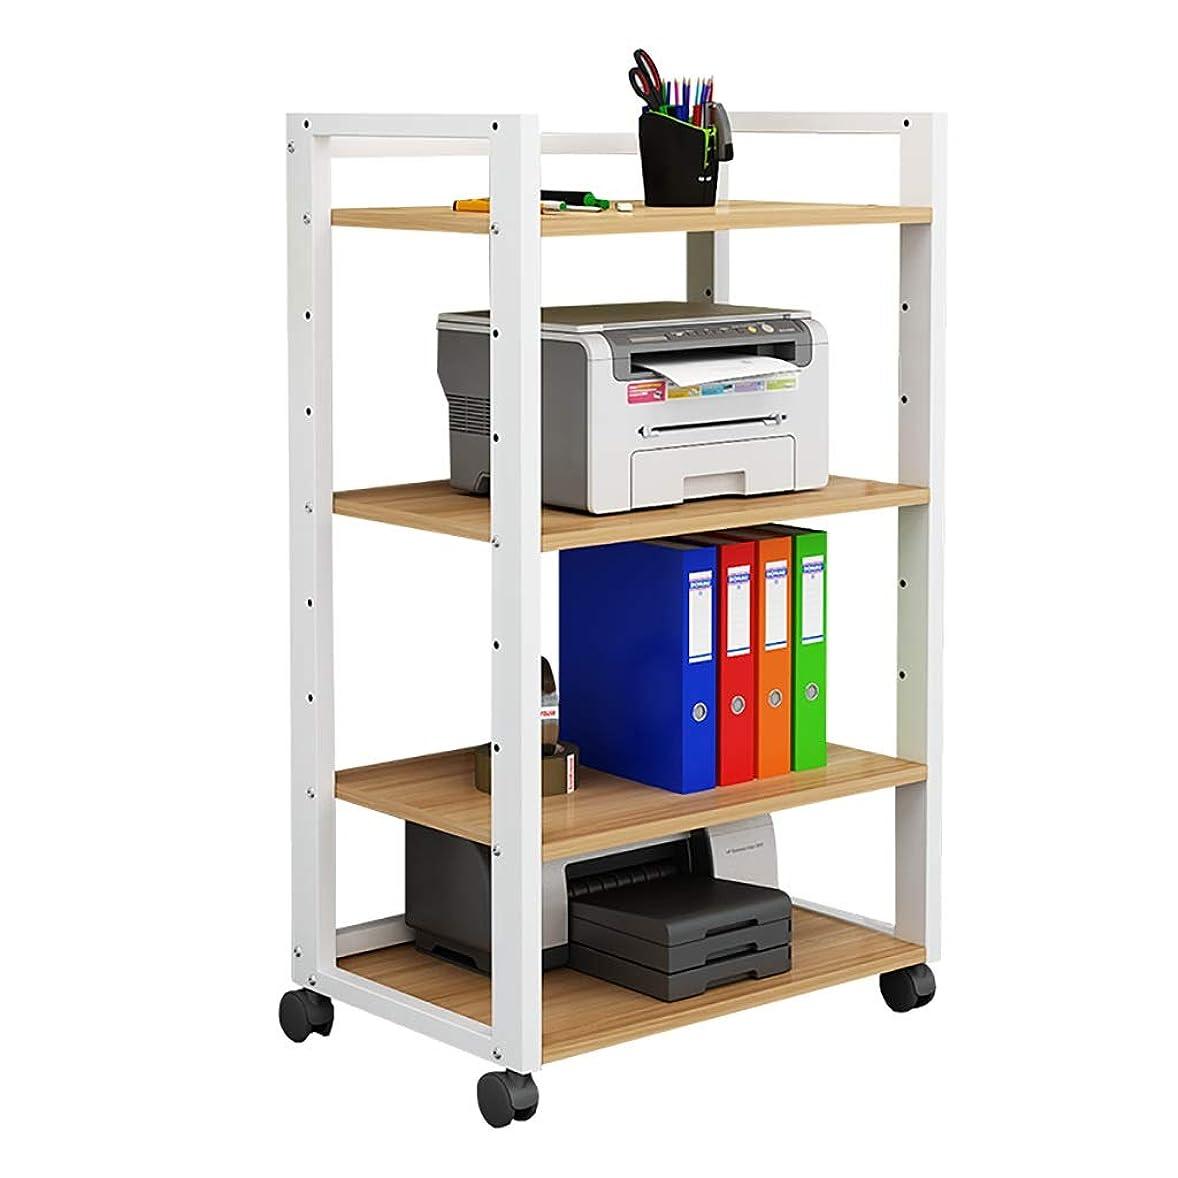 マカダム普及無駄だ調節可能な移動滑車/積層スペースが付いている4階建てのオフィスプリンター棚のオーディオ機器CDのキャビネット。 (Color : A)